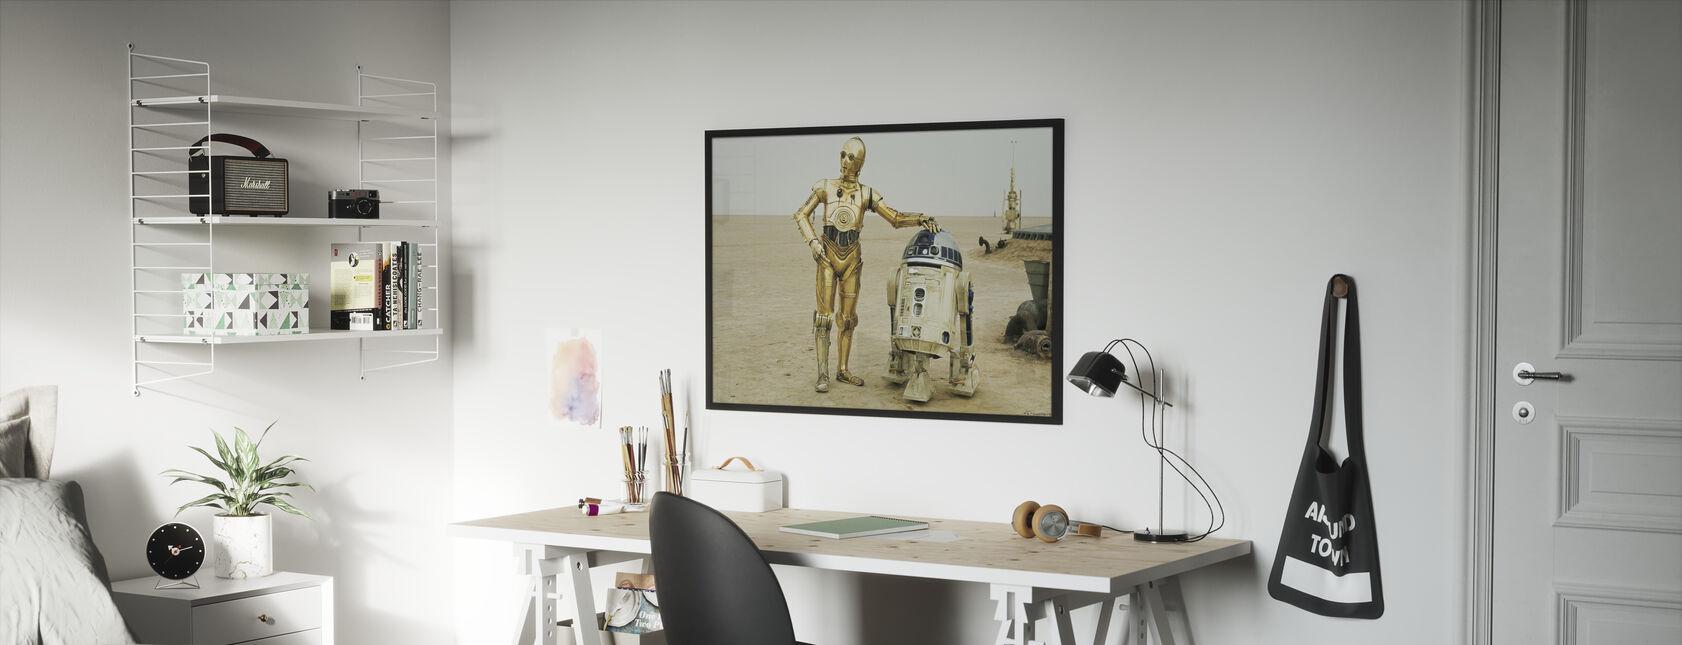 Stjärnornas krig - R2-D2 och C-3PO - Inramad tavla - Barnrum